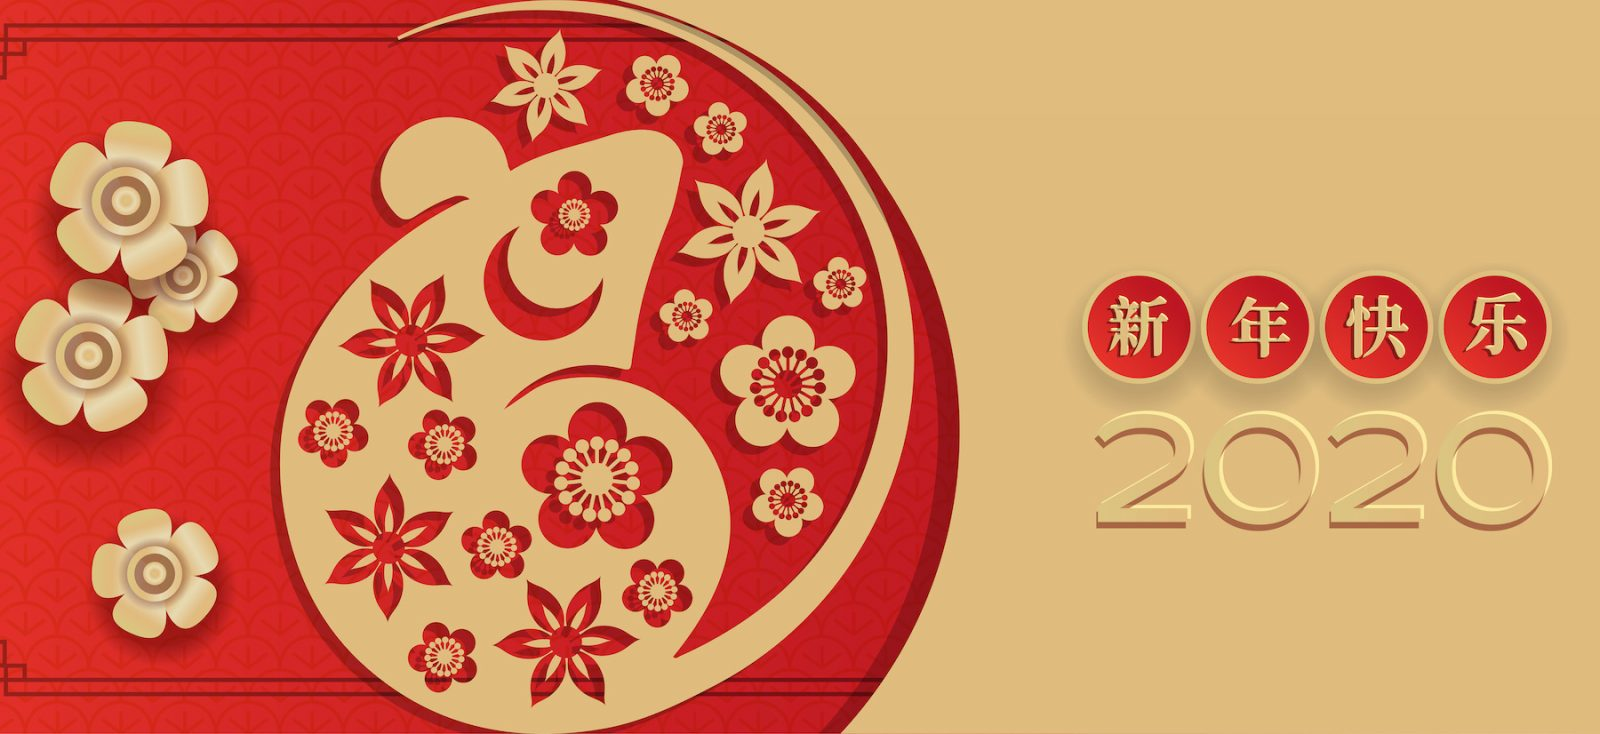 año nuevo chino rata de metal